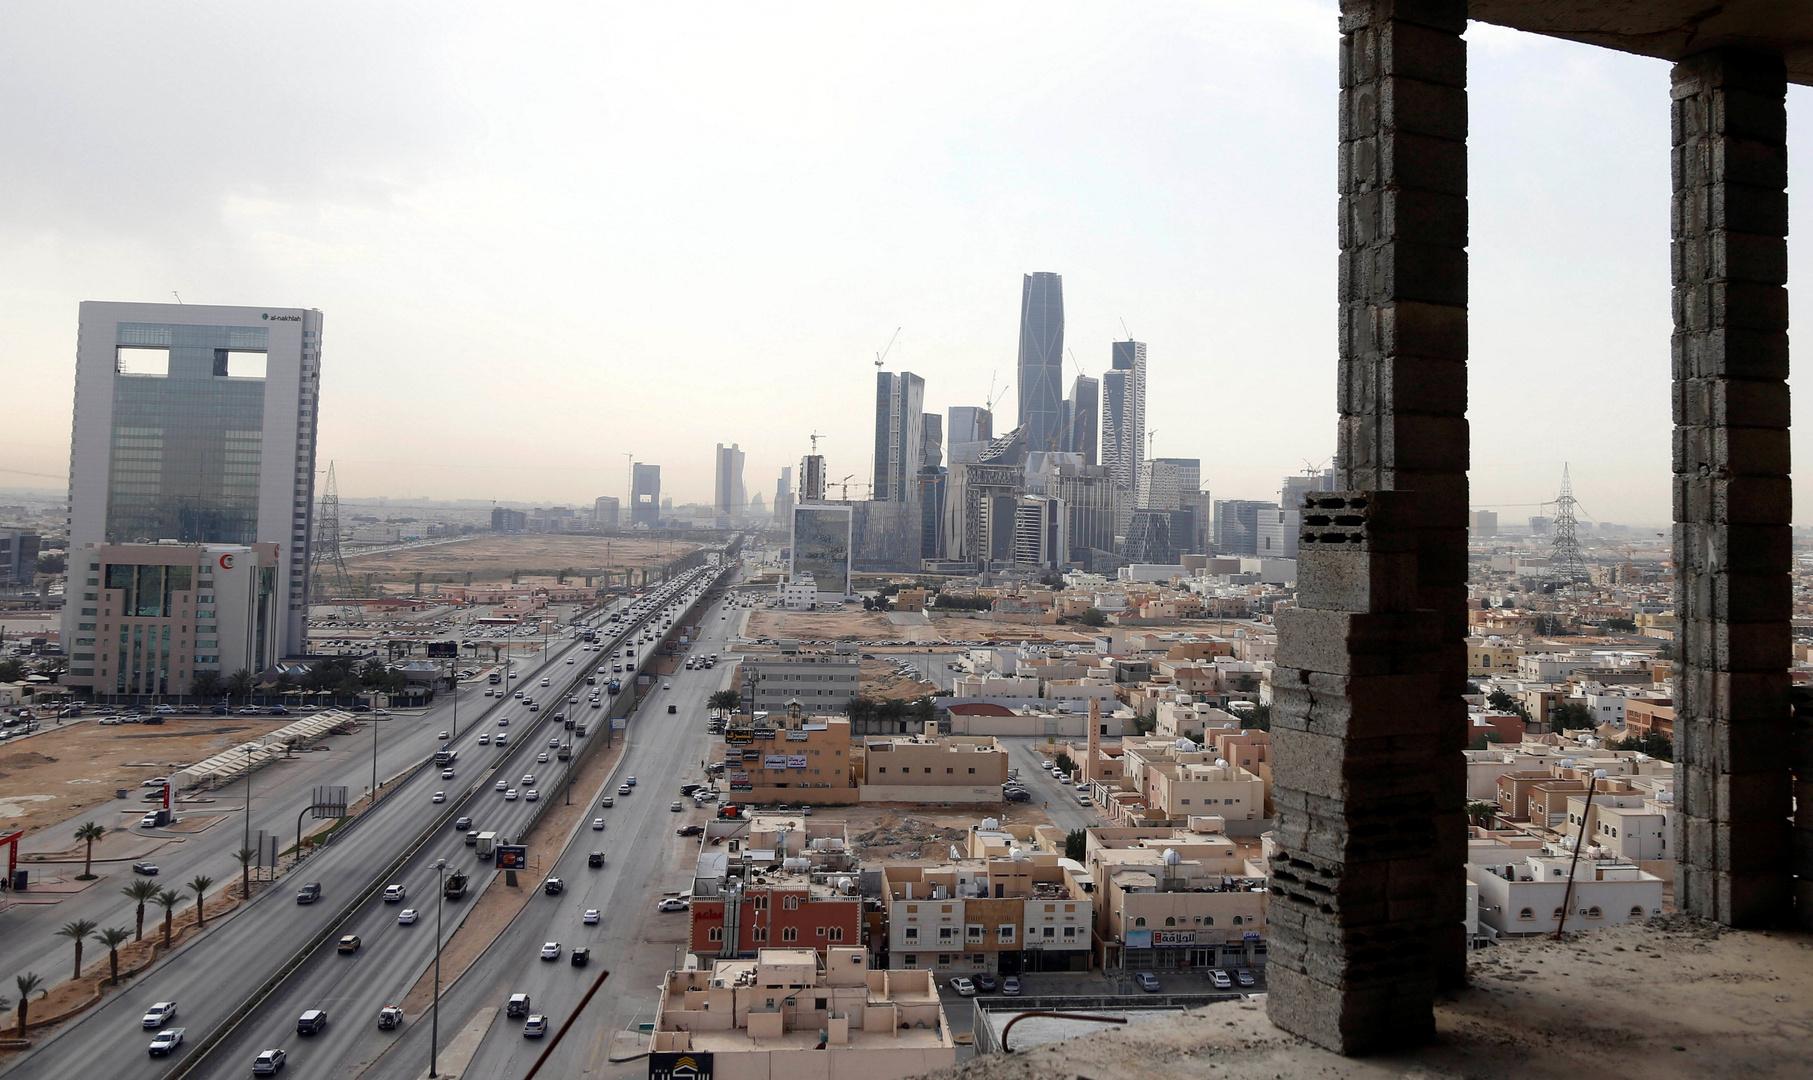 العراق والسعودية يوقعان اتفاقيات في مجالات الاستثمار والطاقة والتعليم والرياضة